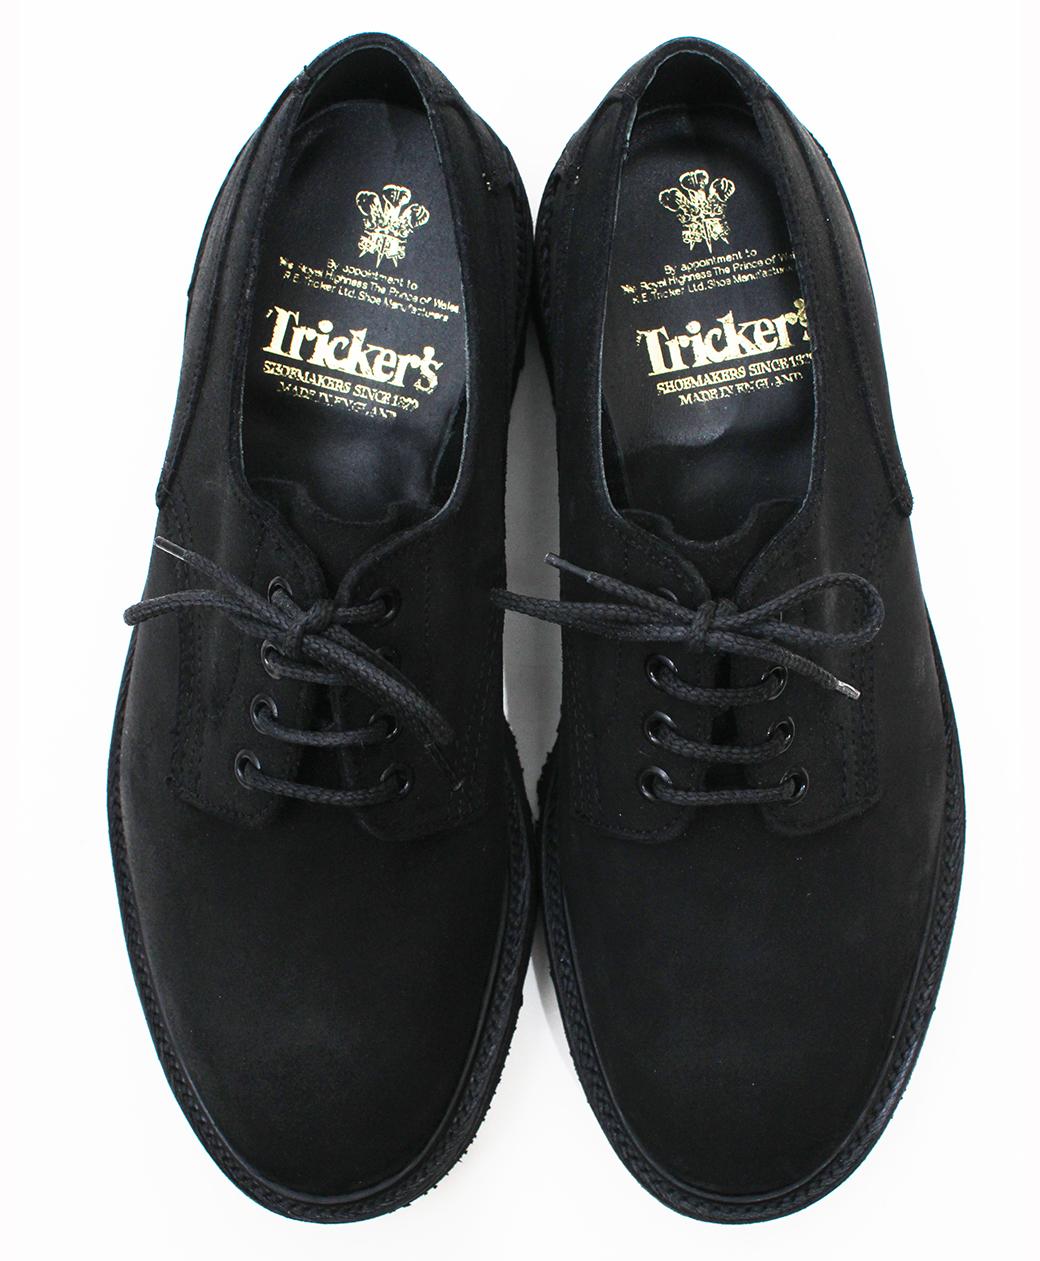 Tricker's 8173 Black Waxy Commando Super Shoes(Black)